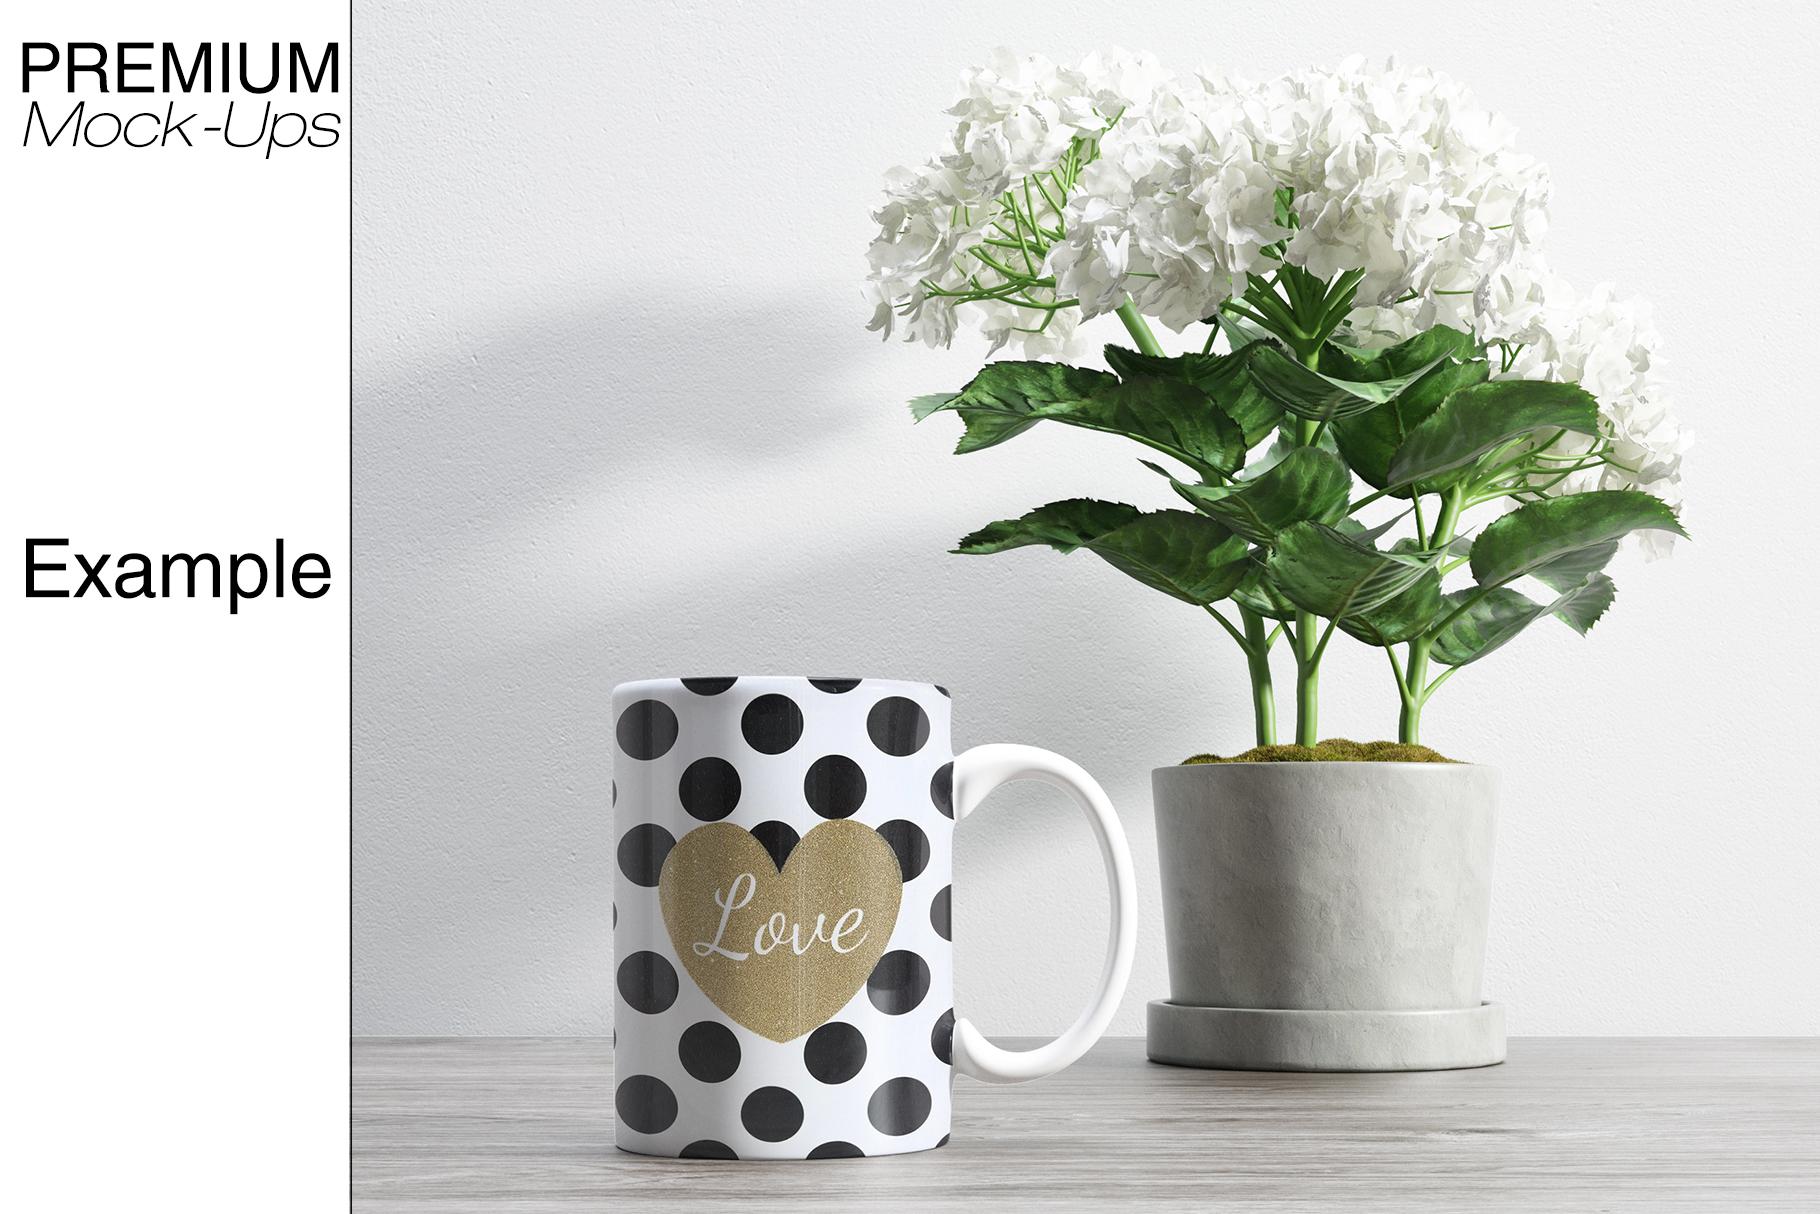 Mug Mockups - Many Shapes example image 12